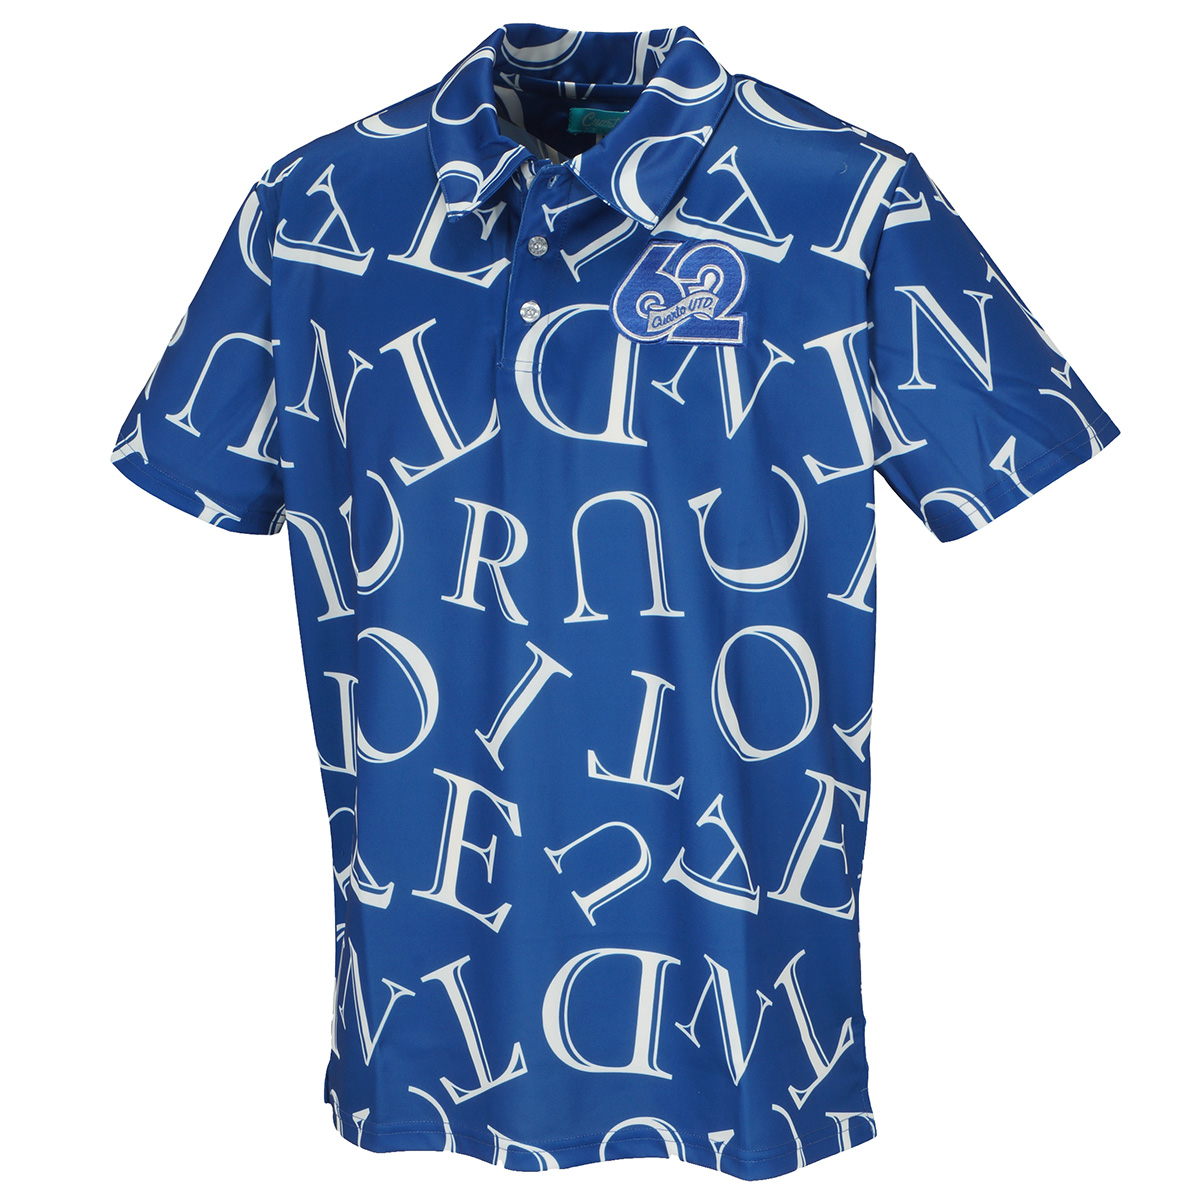 総柄ロゴモノトーン半袖ポロシャツ